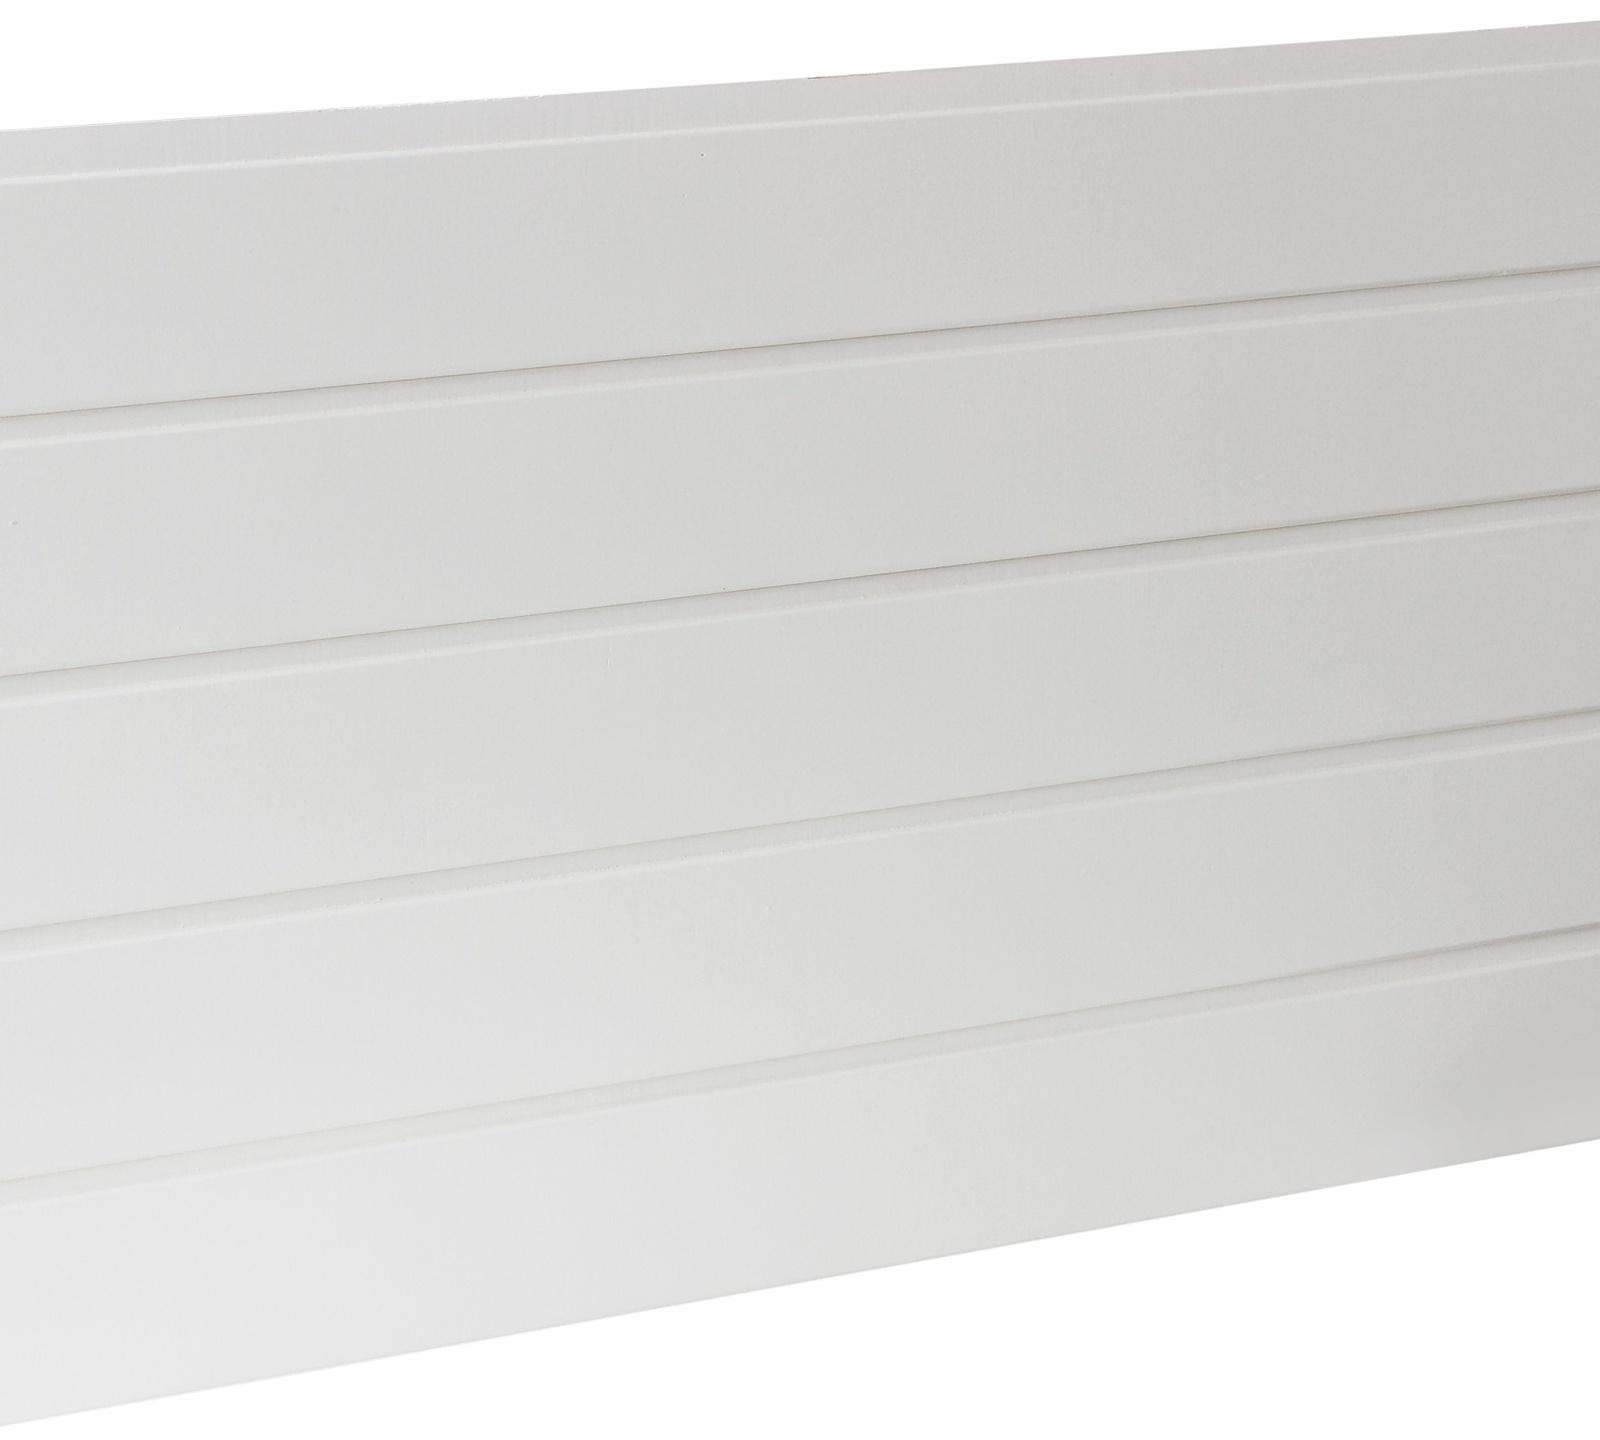 Kattopaneeli Kaste STS 15x120x2350 mm kosteisiin tiloihin valkoinen  Taloon com